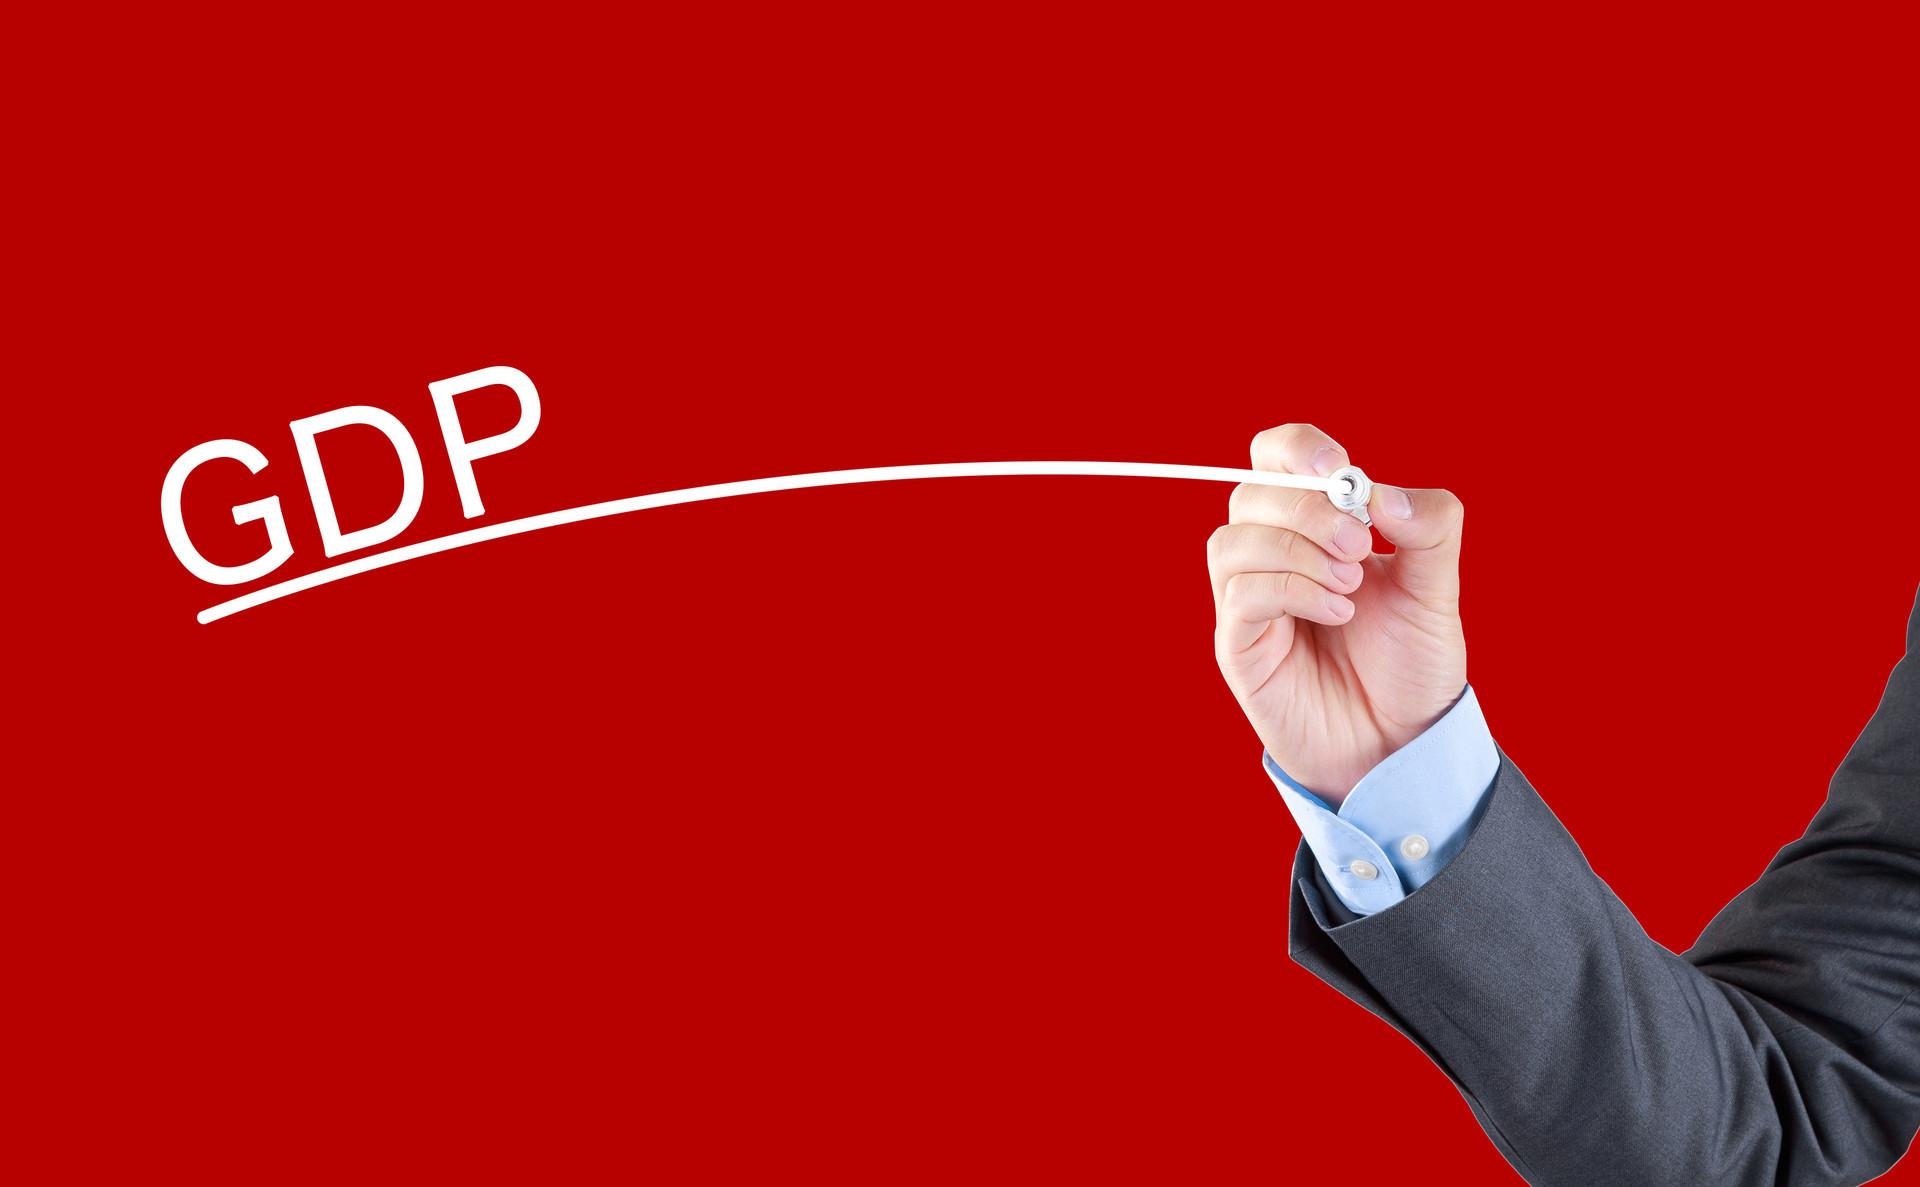 GDP同比增6.7%_深圳2019年GDP2.69万亿元同比增6.7%